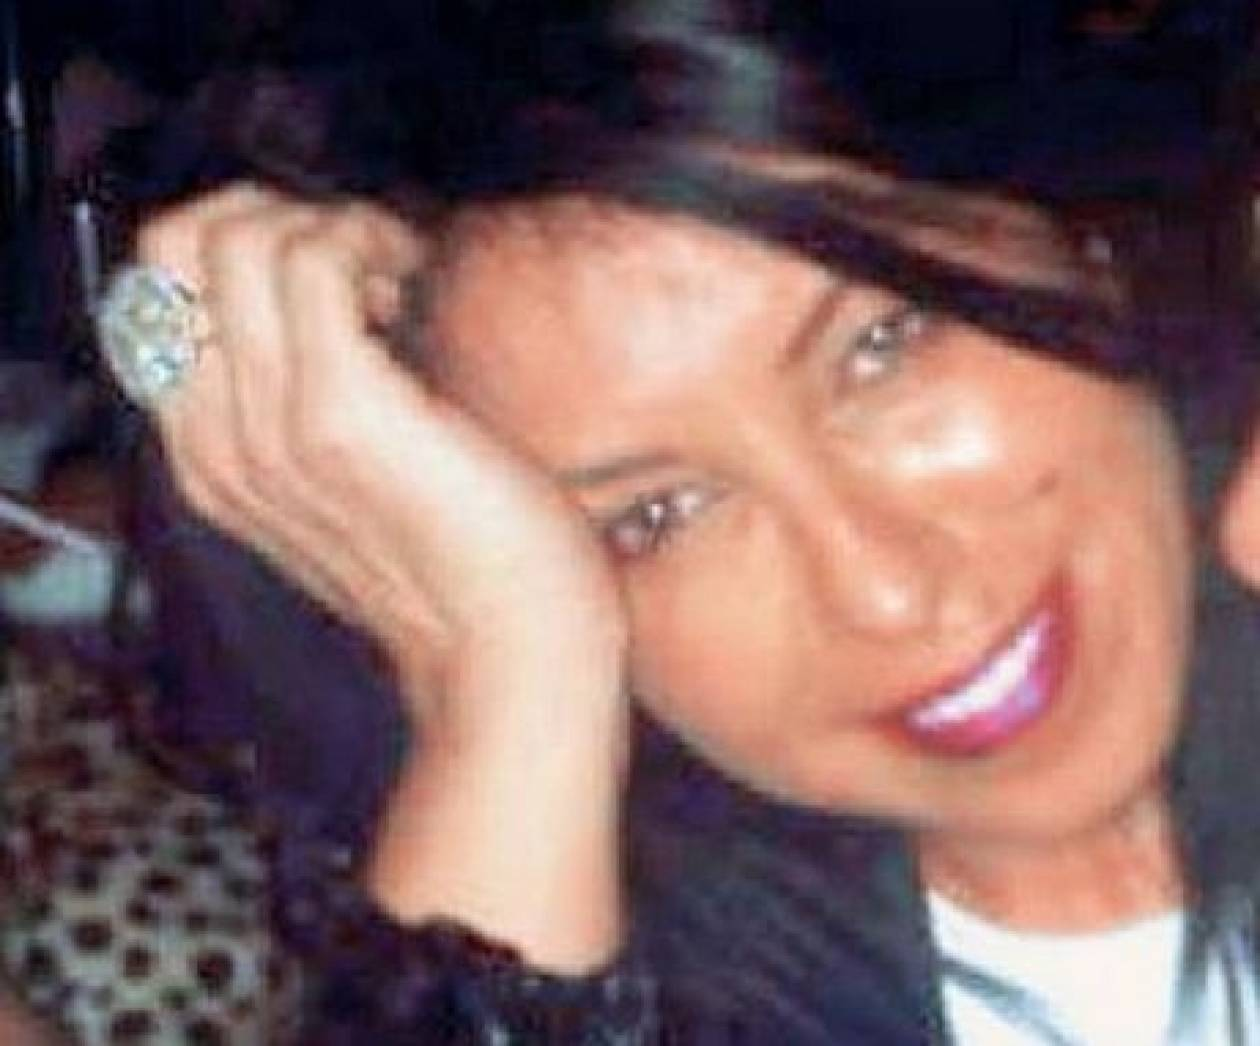 Σεϊντά Γιλντιρίμ: Η Τουρκάλα δικηγόρος του Άγγελου Φιλιππίδη